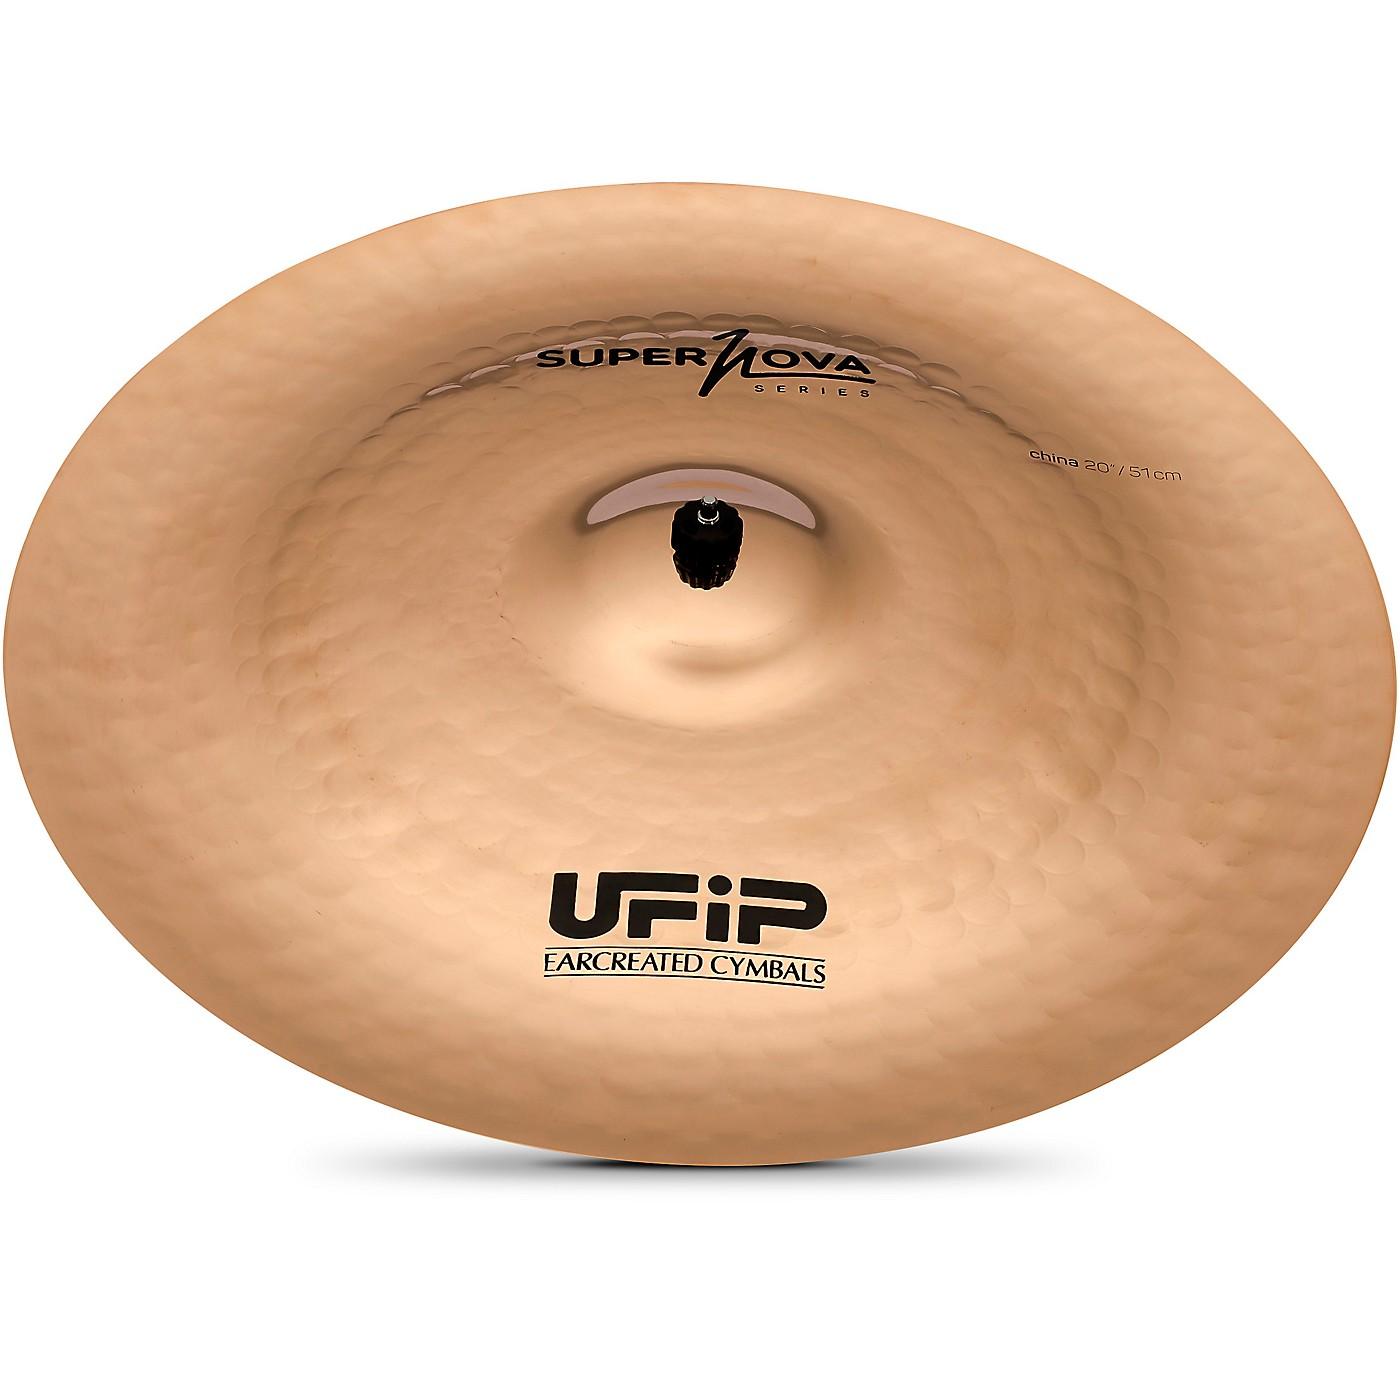 UFIP Supernova Series China Cymbal thumbnail